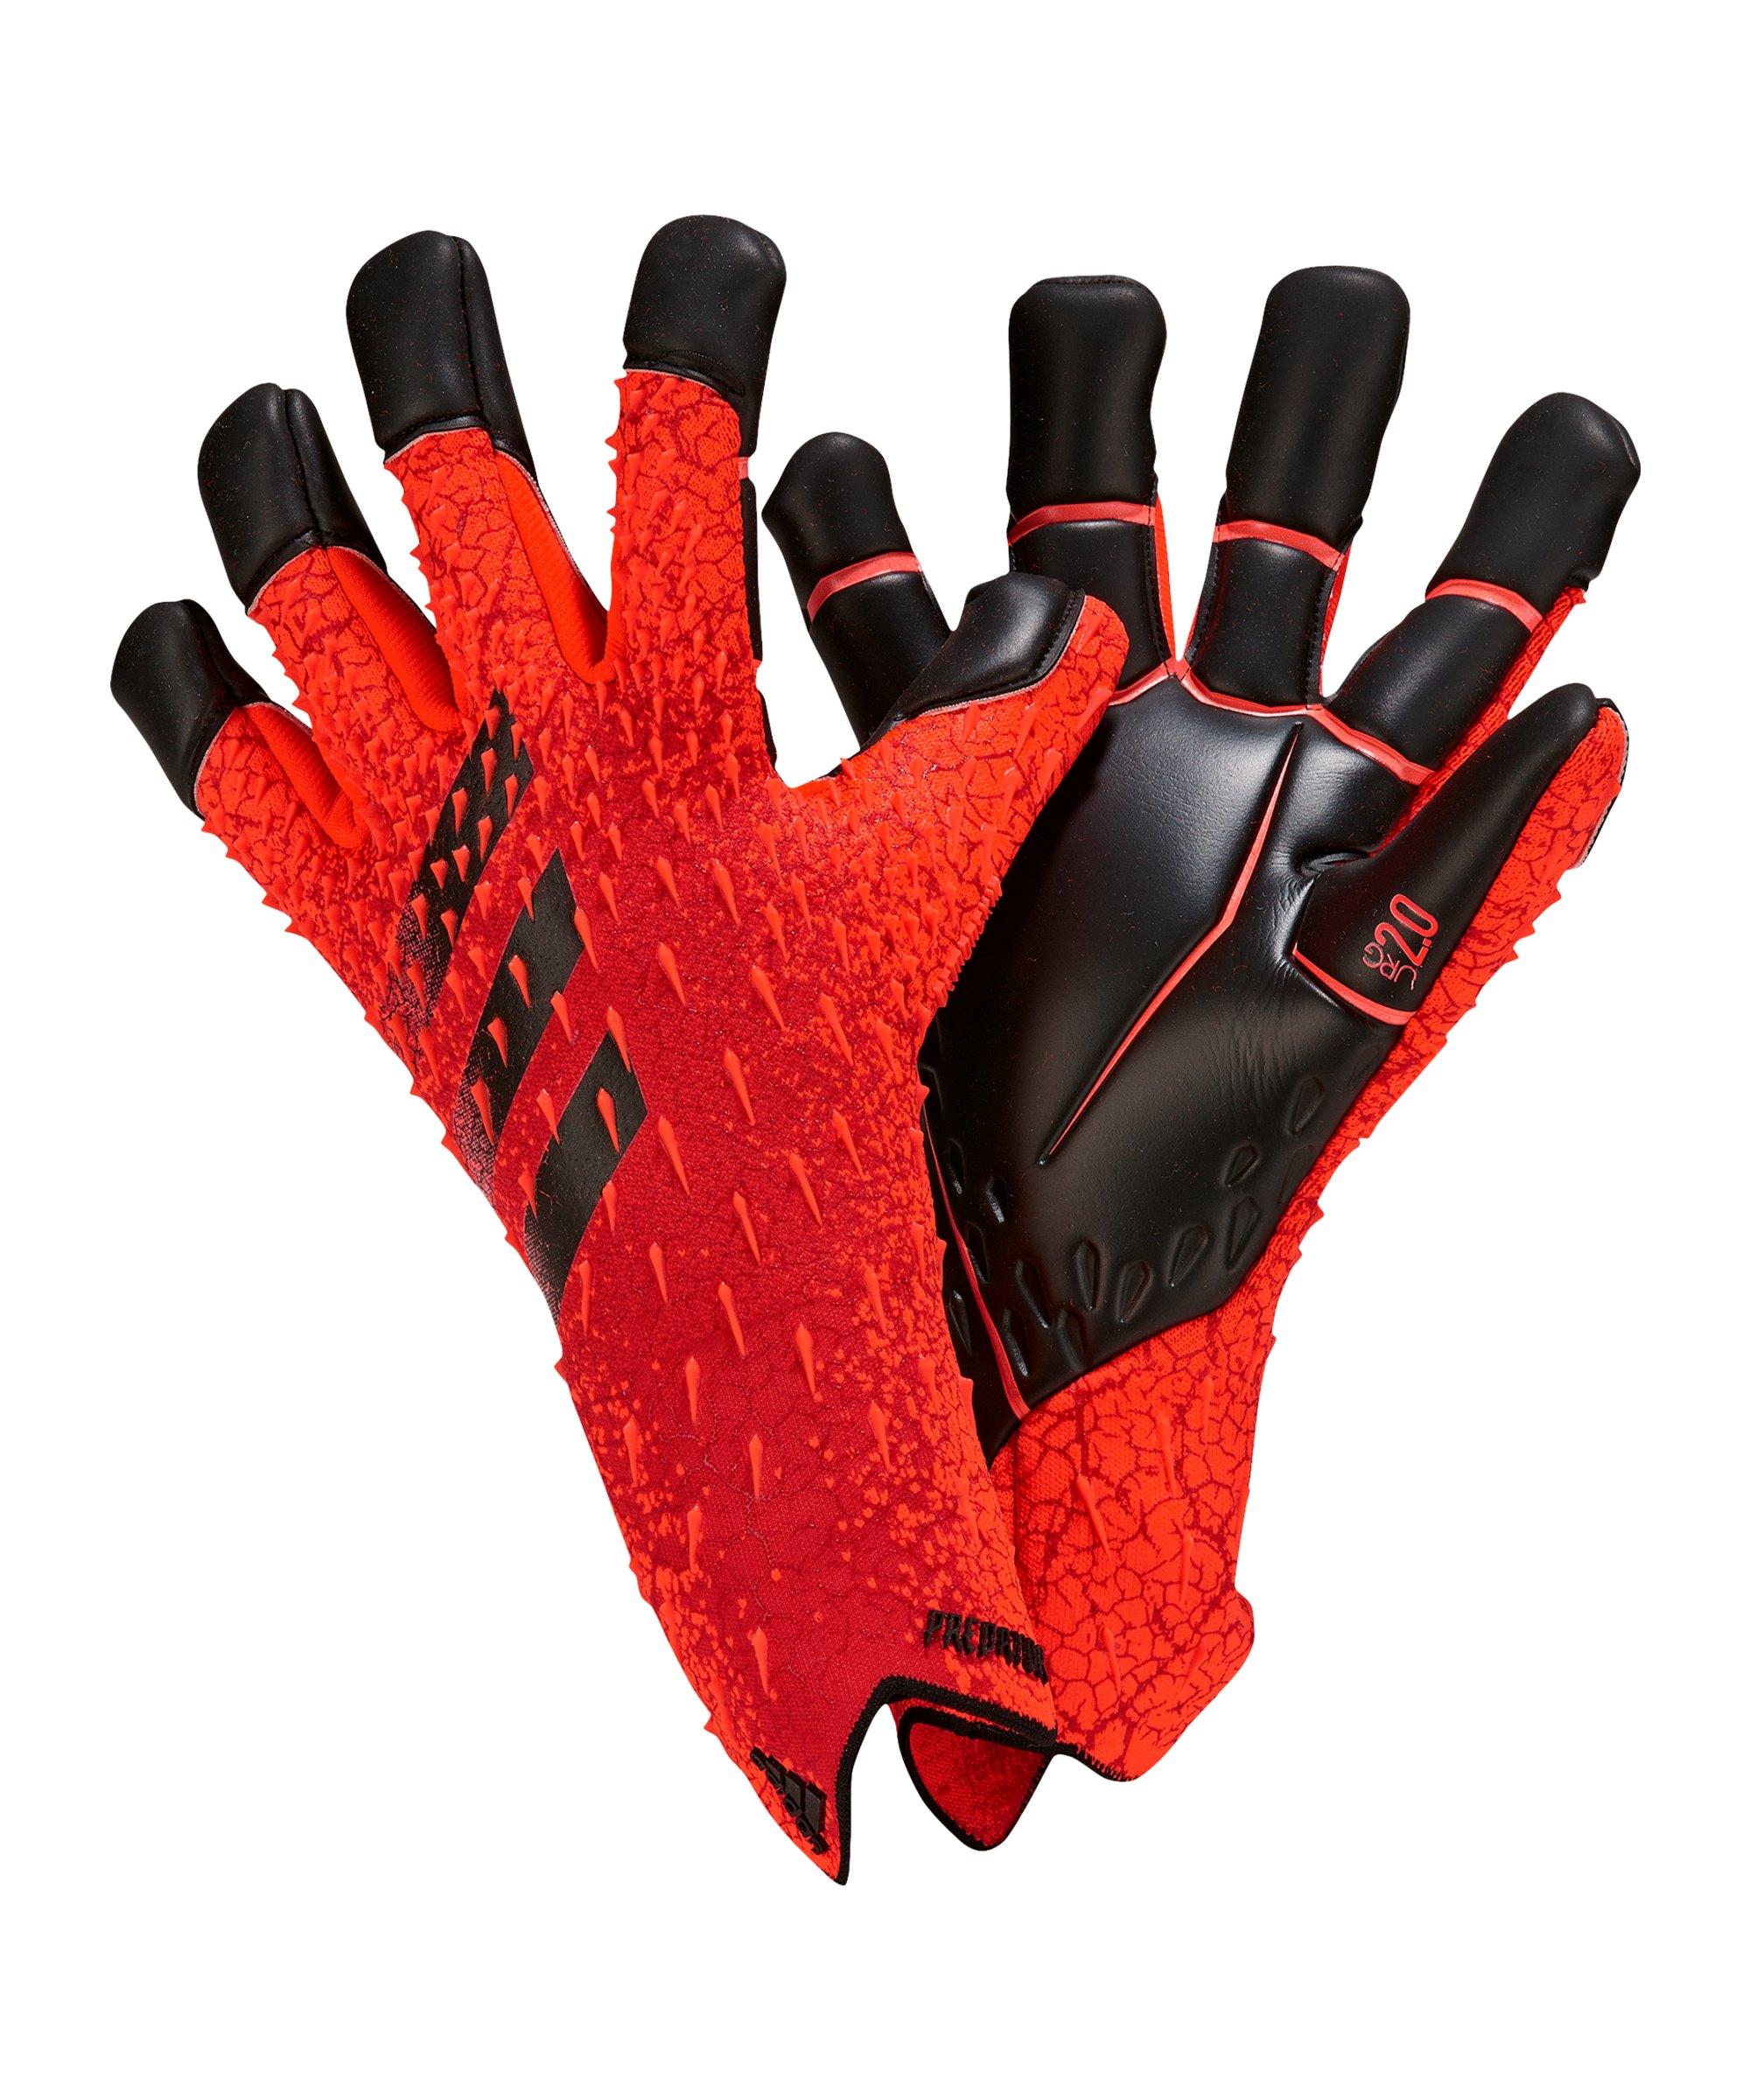 adidas Predator Pro HYB Meteorite Torwarthandschuh Rot - rot